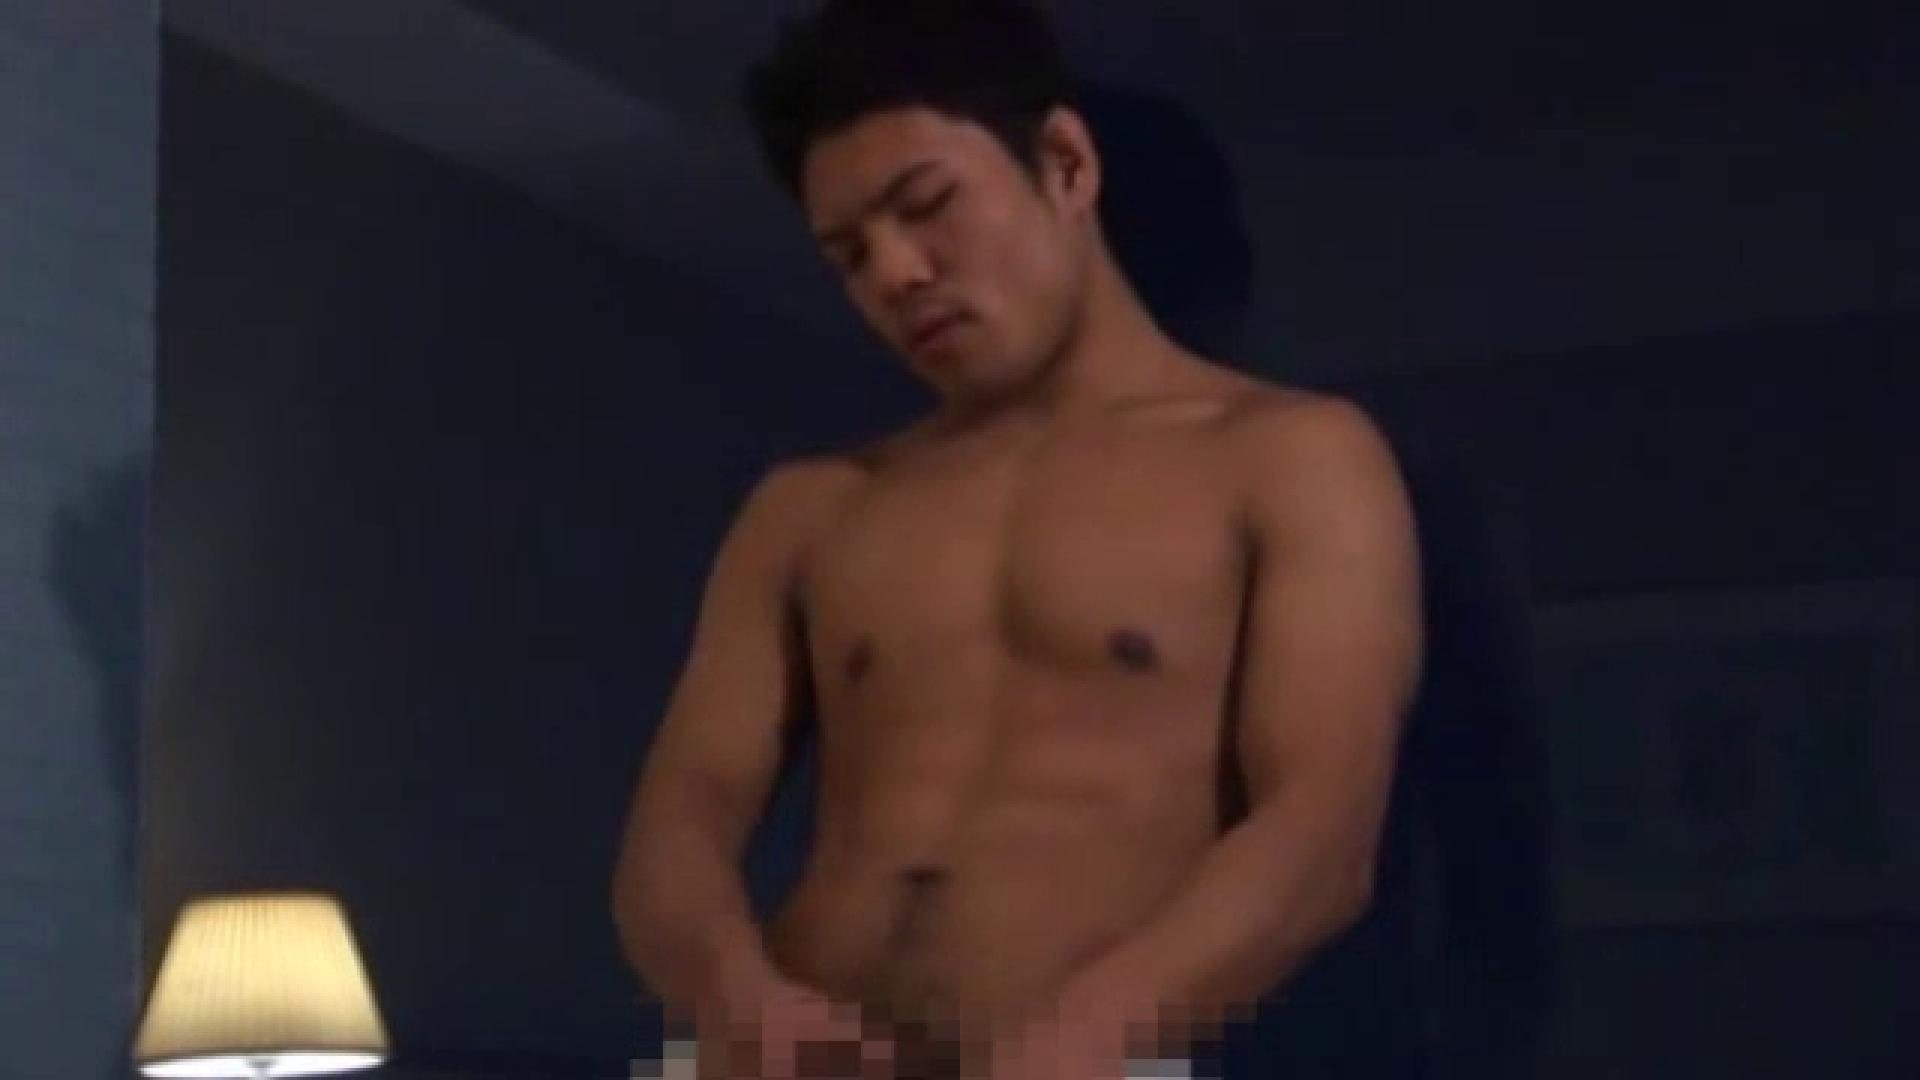 イケメン発情痴帯01 ケツマン ゲイ丸見え画像 87枚 45